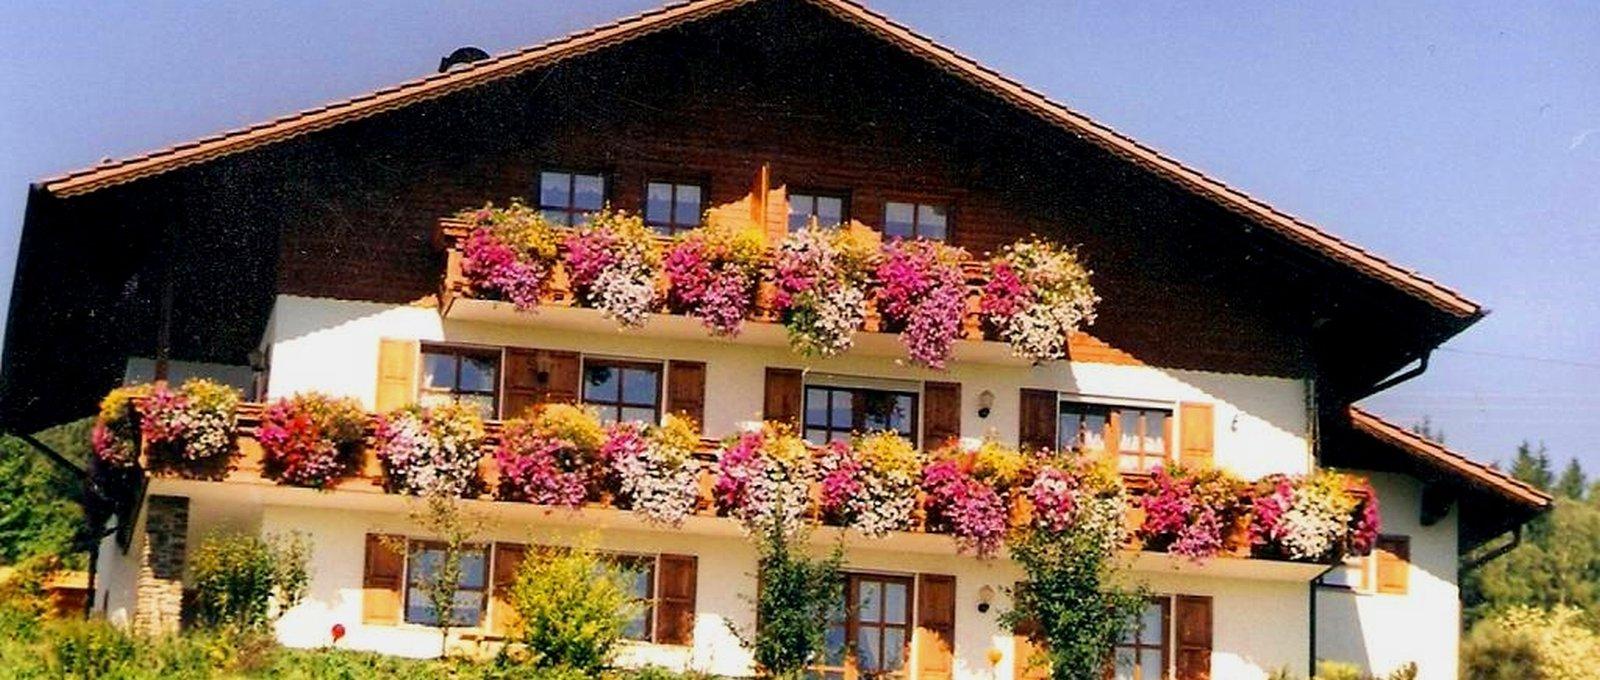 Bauernhof Kriegerhof in Arrach – Kontakt